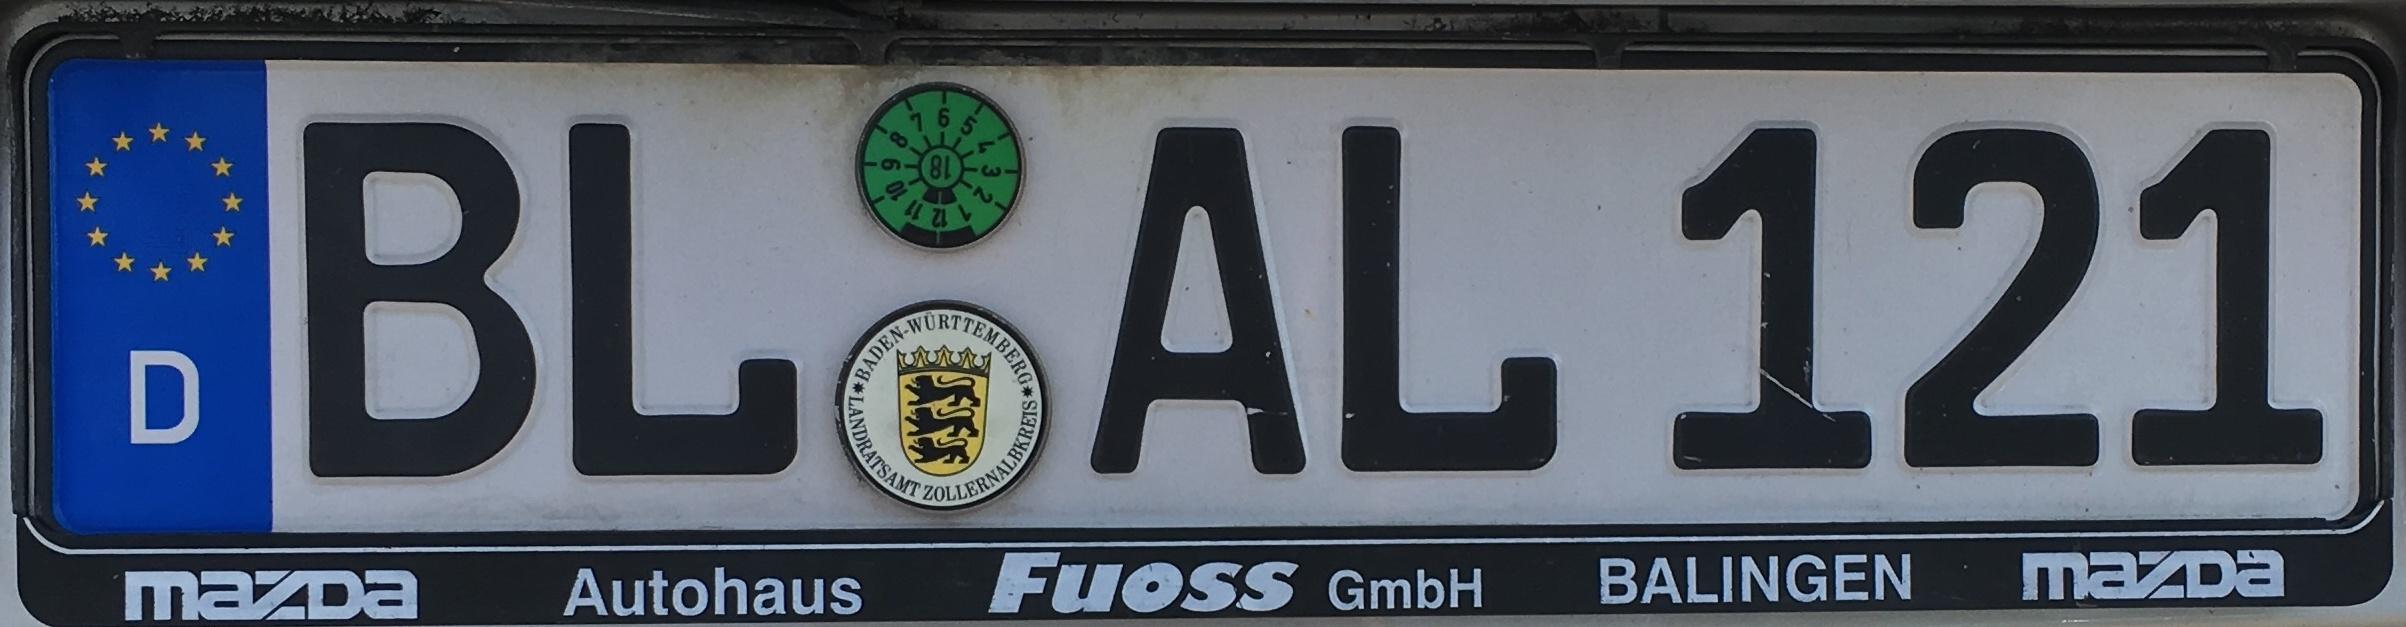 Registrační značky Německo - BL - Zollernalbkreis, foto: vlastní